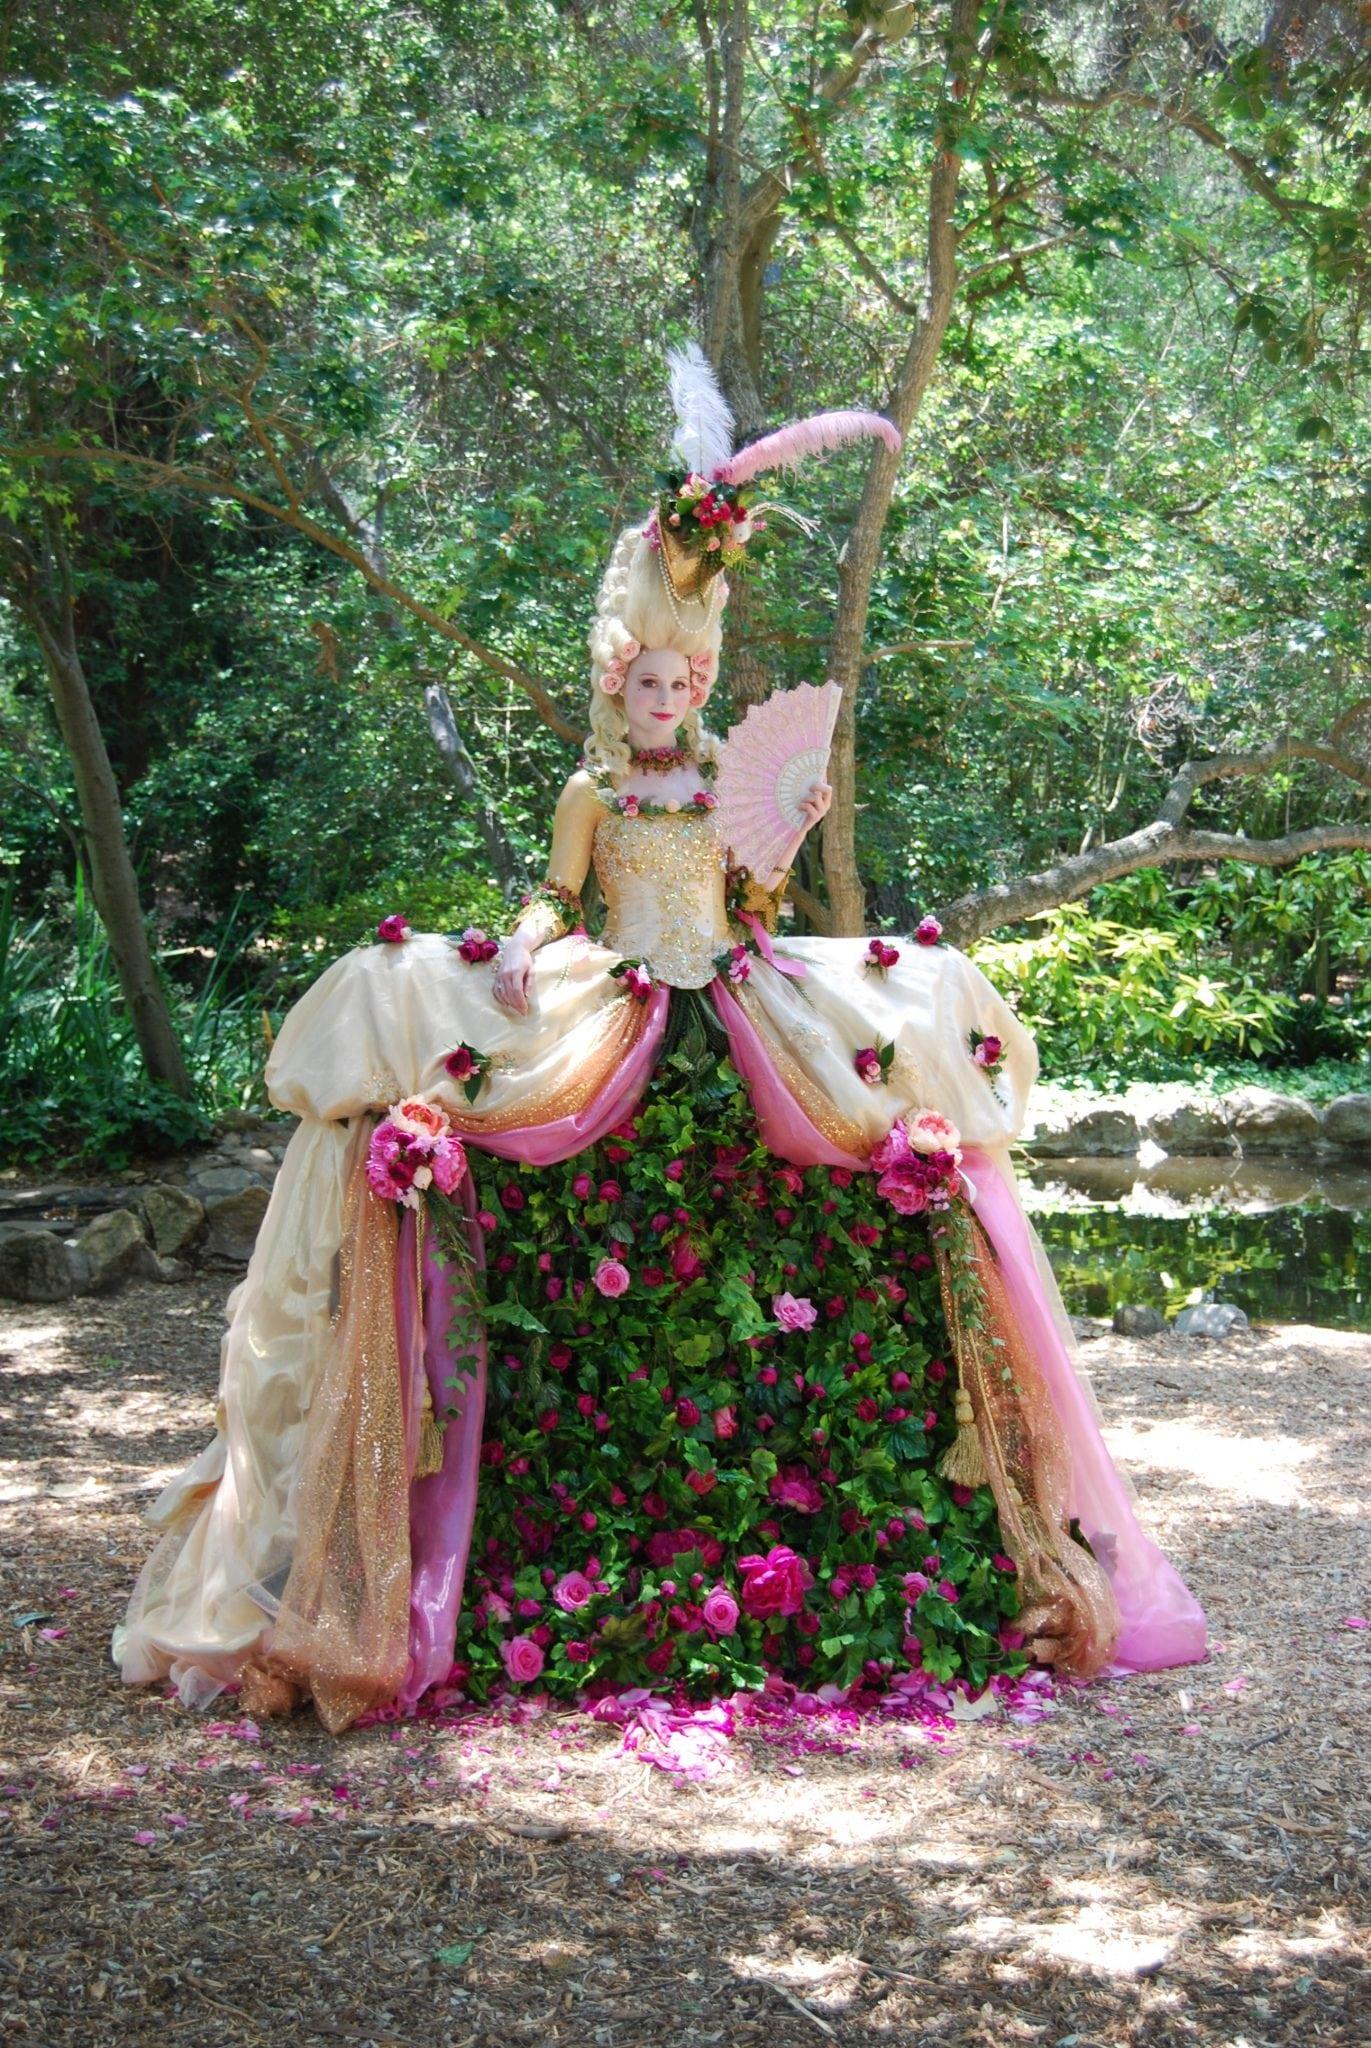 Descanso Garden's Rose Festival